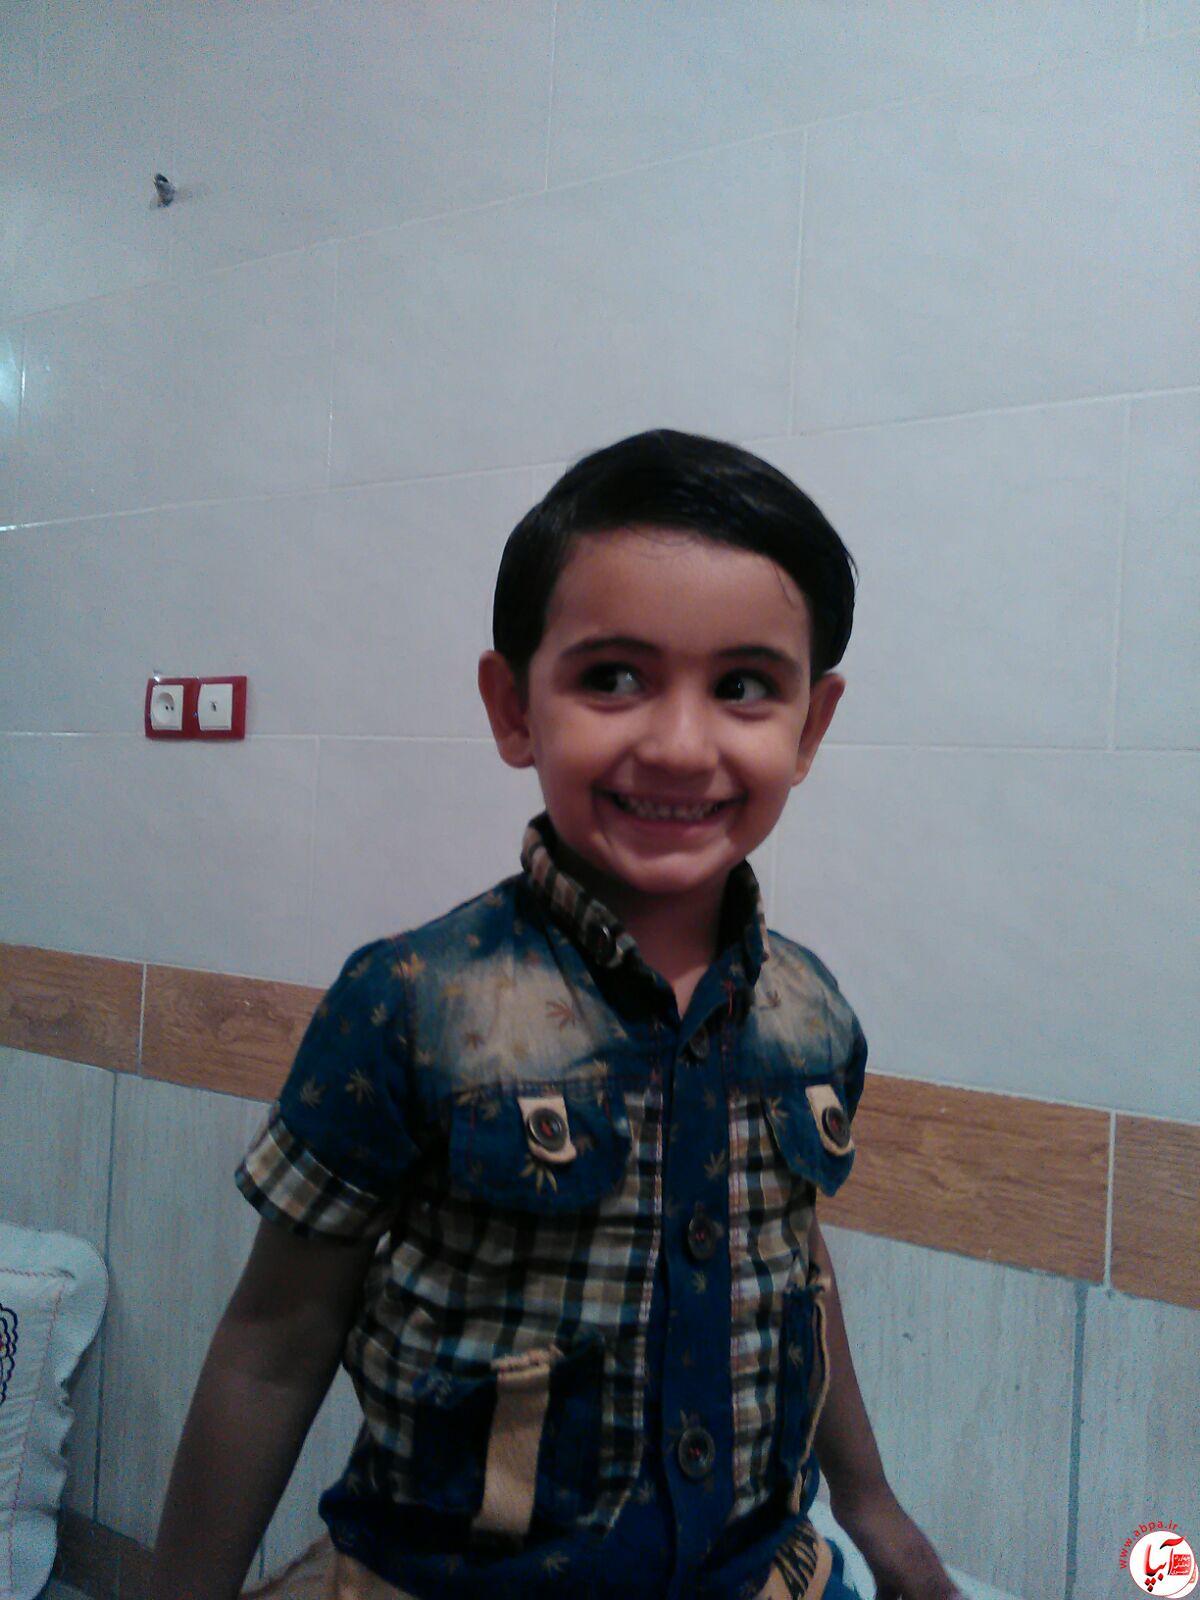 محمد-حسین-انصاری-4-ساله گالری عکس کودک: این فرشته های دهرمی ...